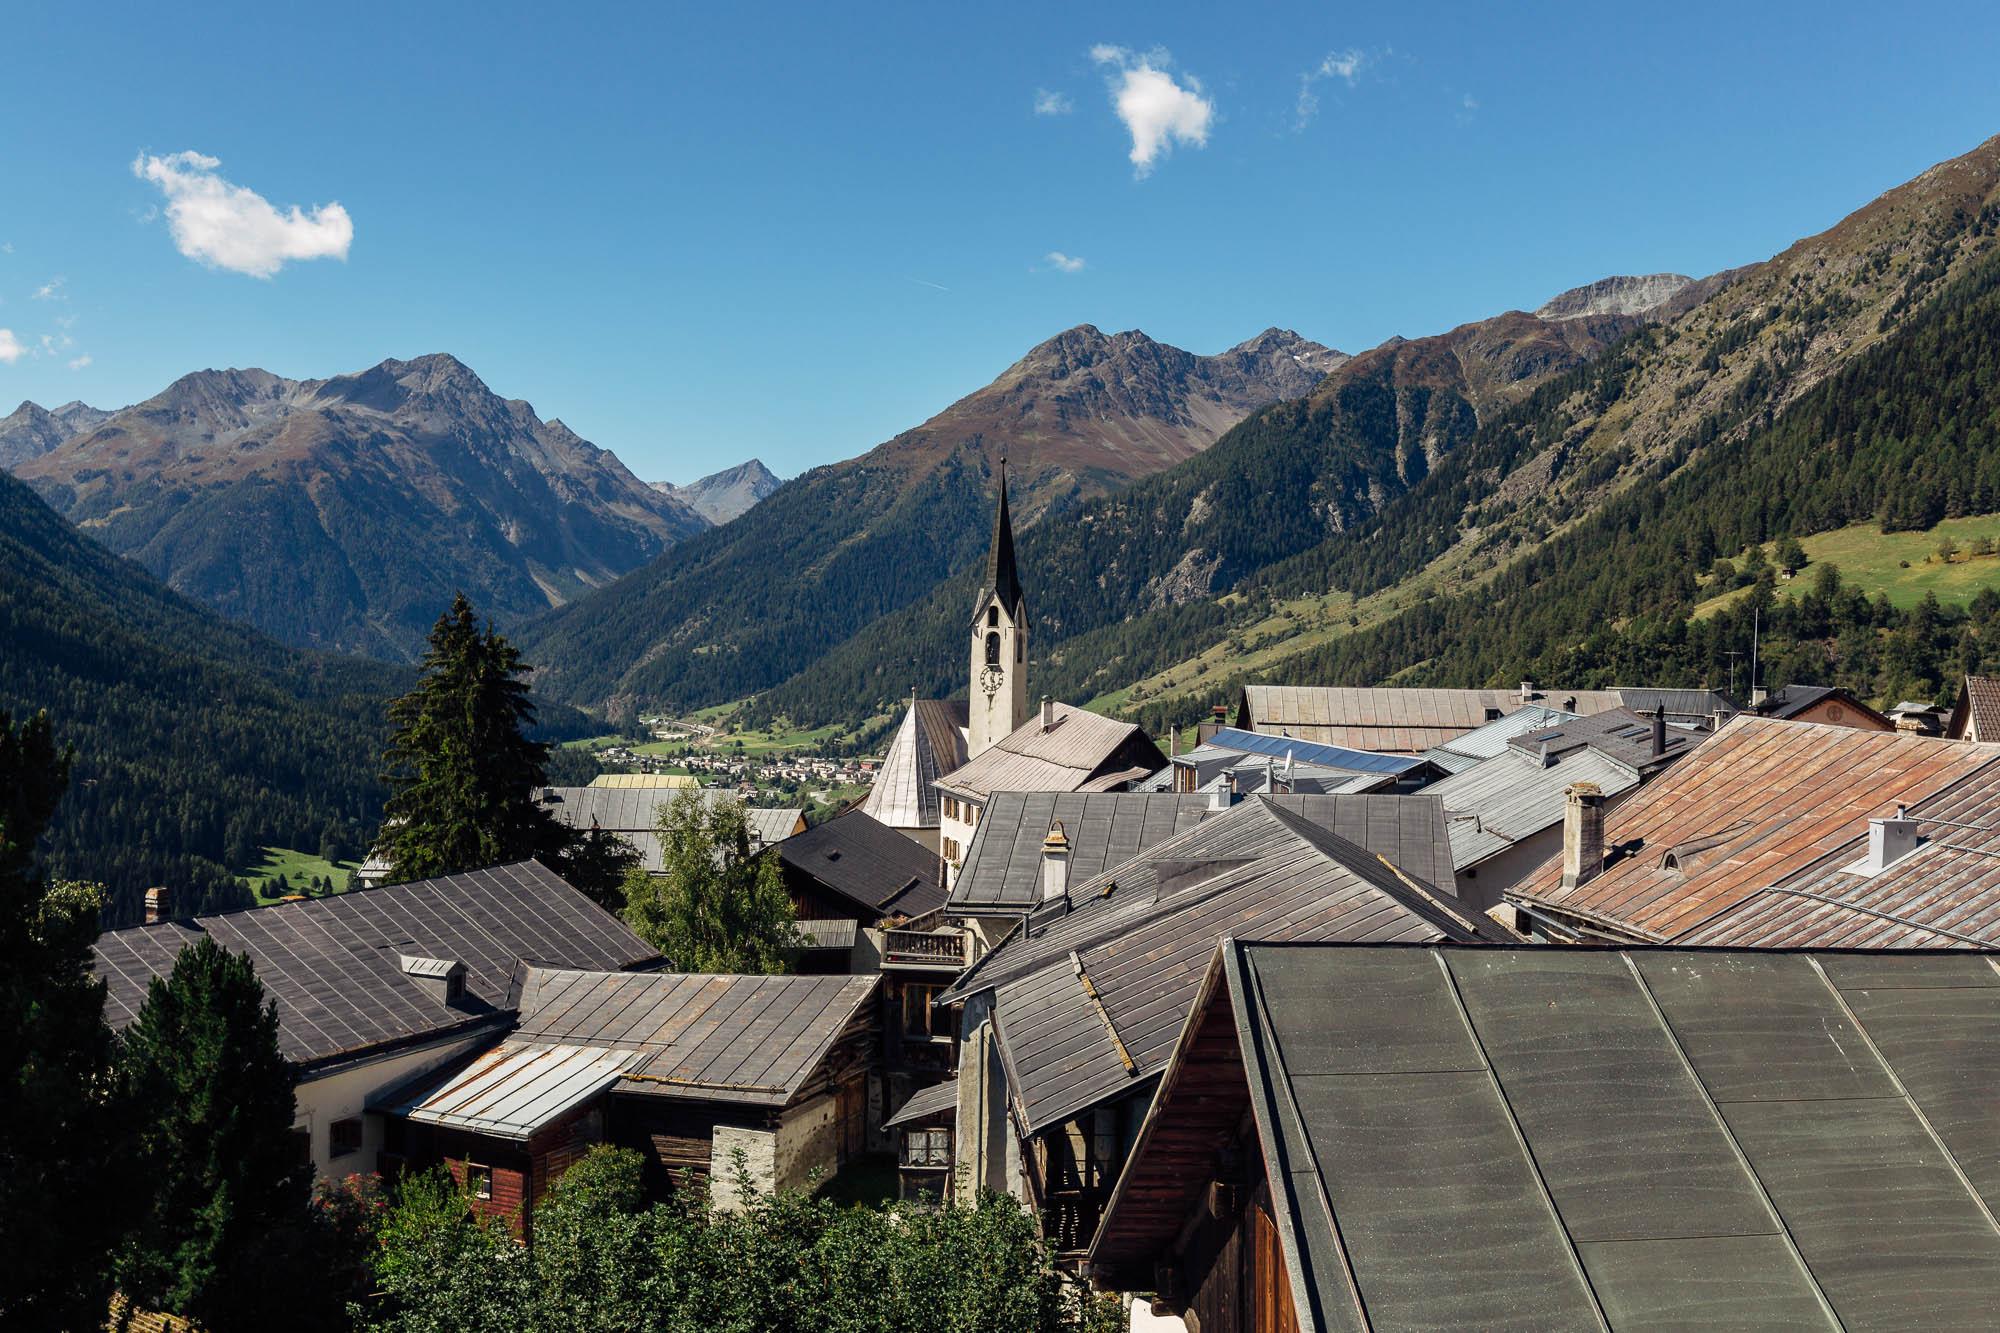 Ausblick auf Kirche und Guarda im Hintergrund Berge